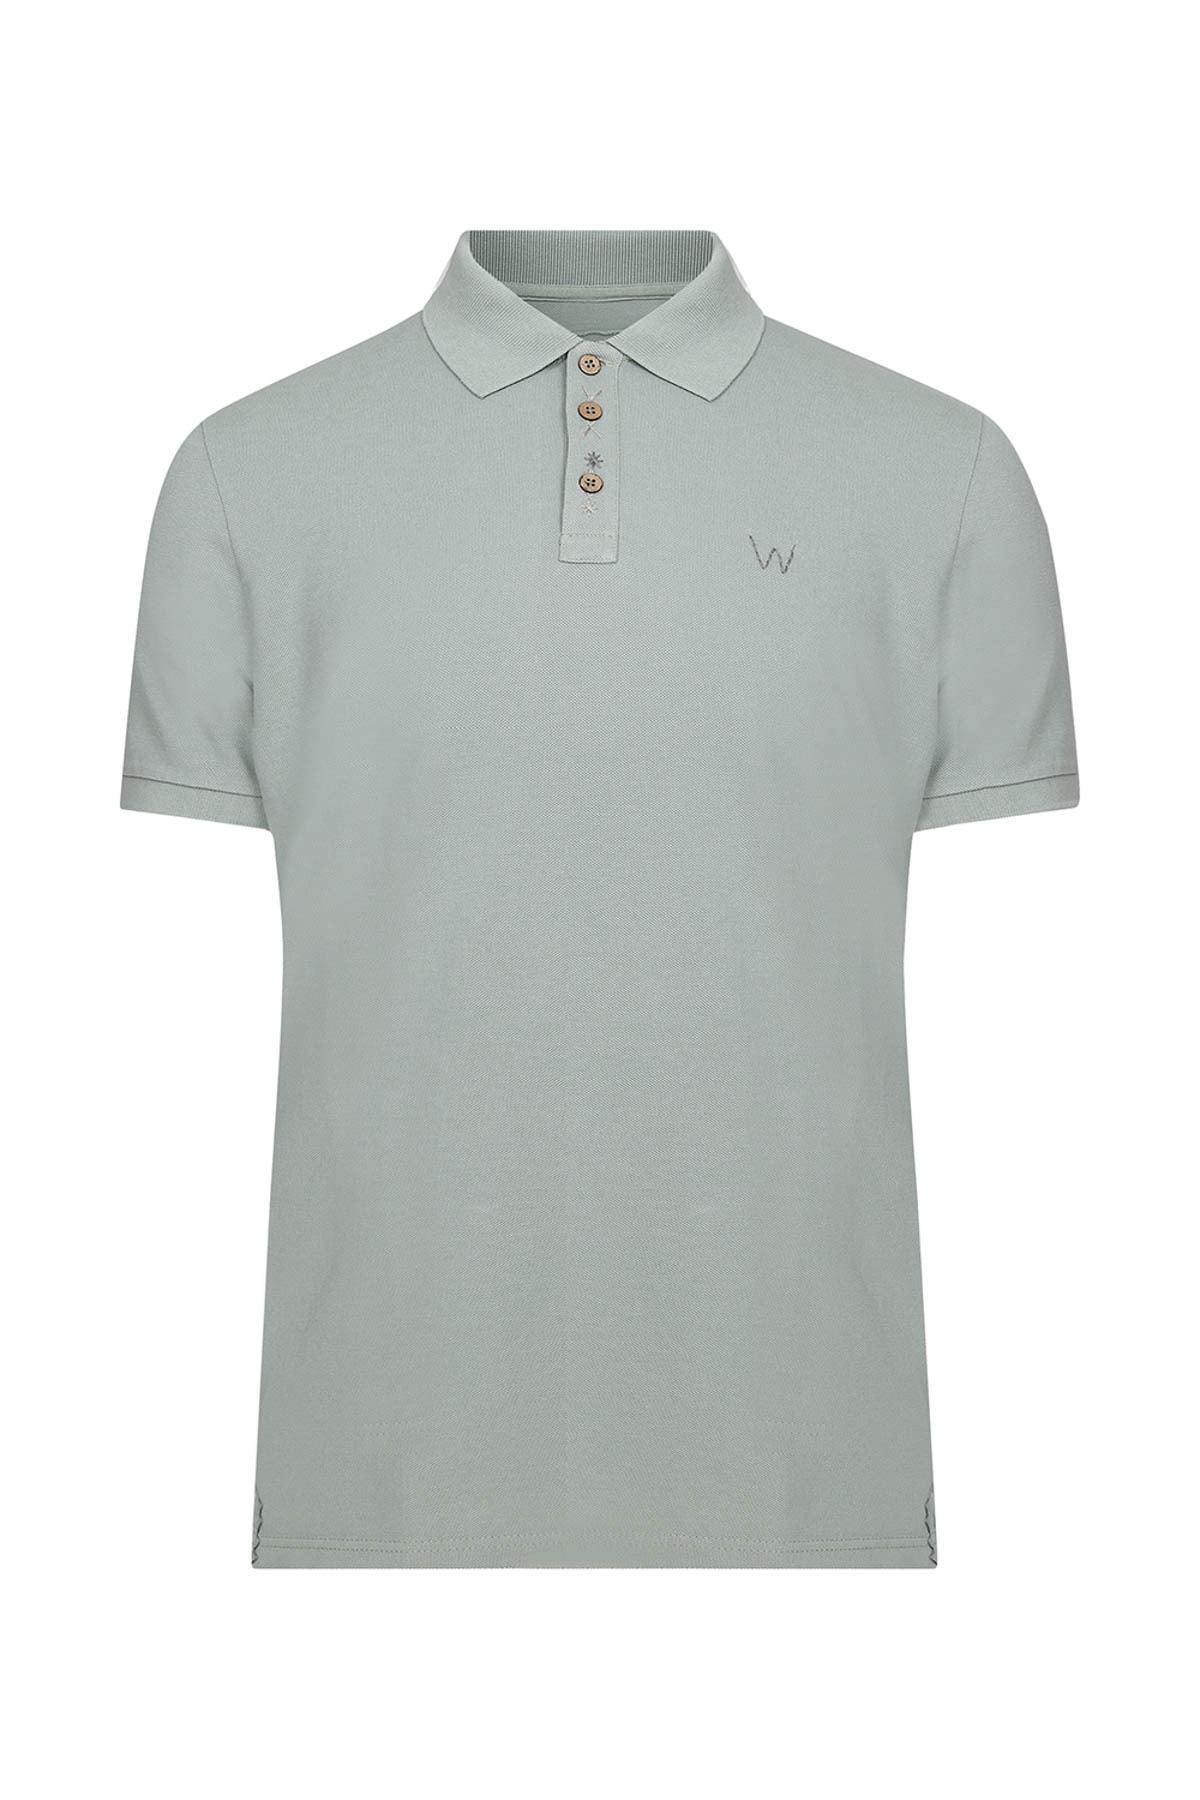 W Collection Erkek Yeşil Polo Yaka T-Shirt 1